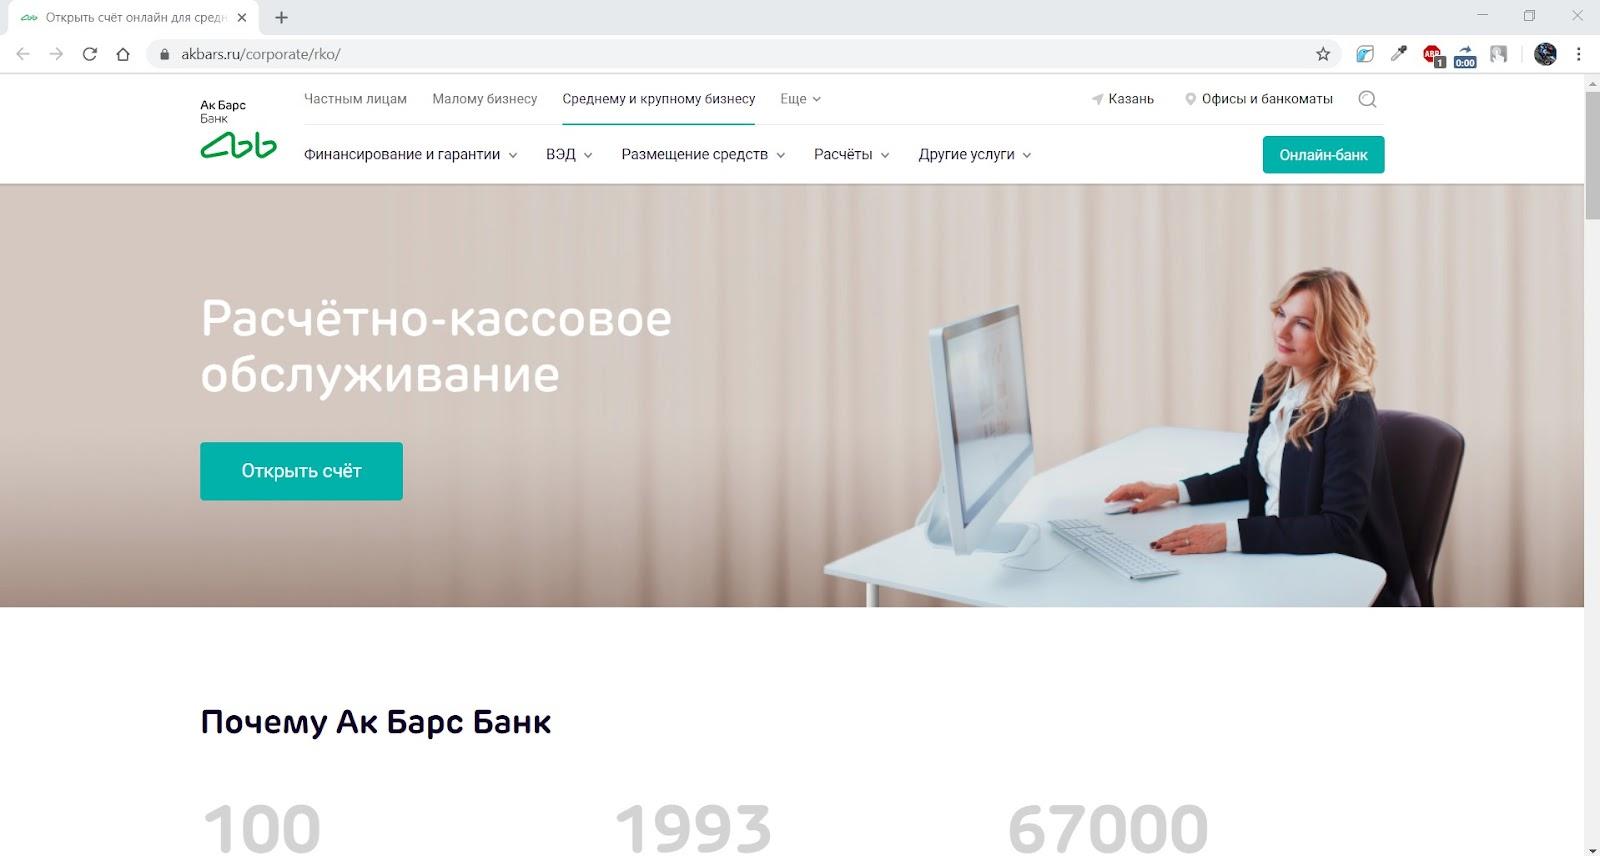 РКО Ак Барк